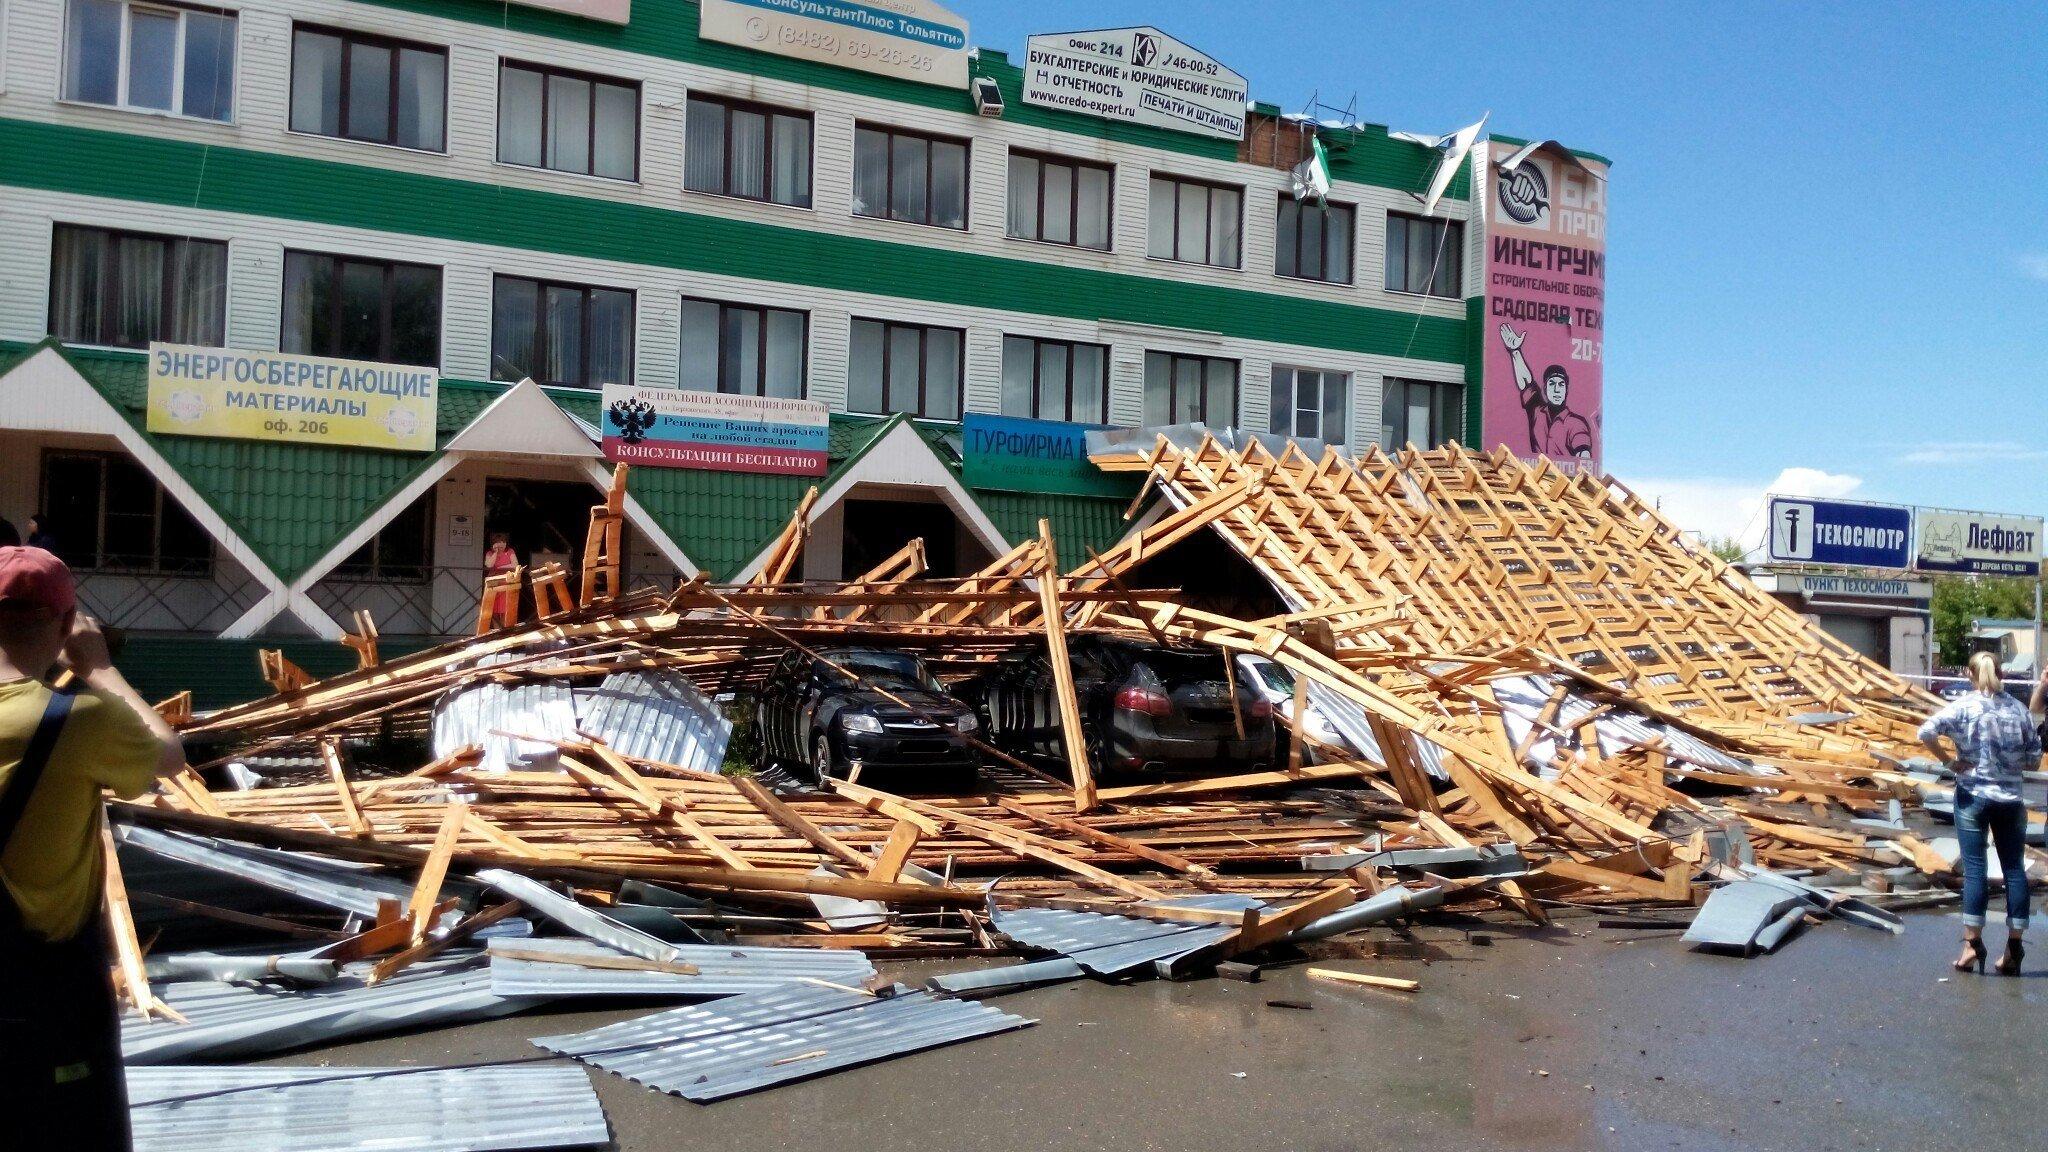 Циклон под Красноярском снес крышу здания ваэропорту